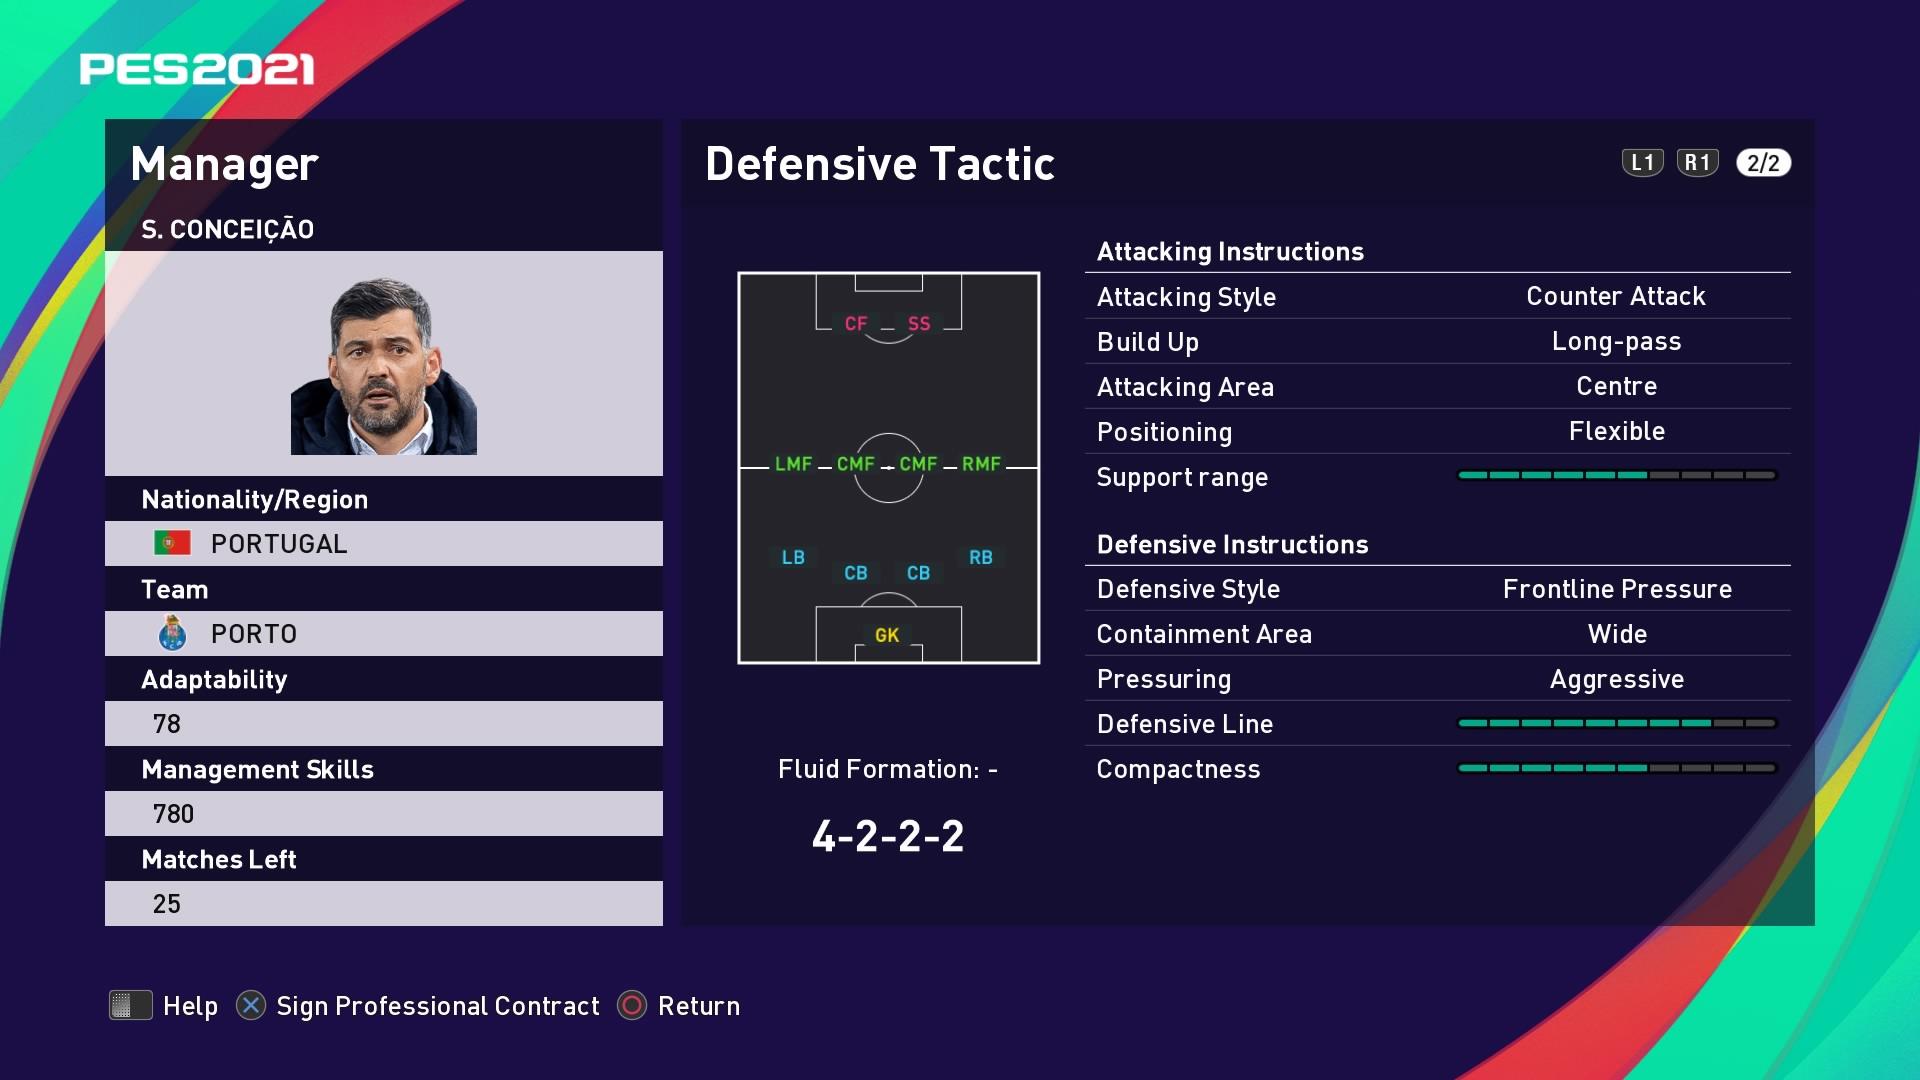 S. Conceição (Sérgio Conceição) Defensive Tactic in PES 2021 myClub